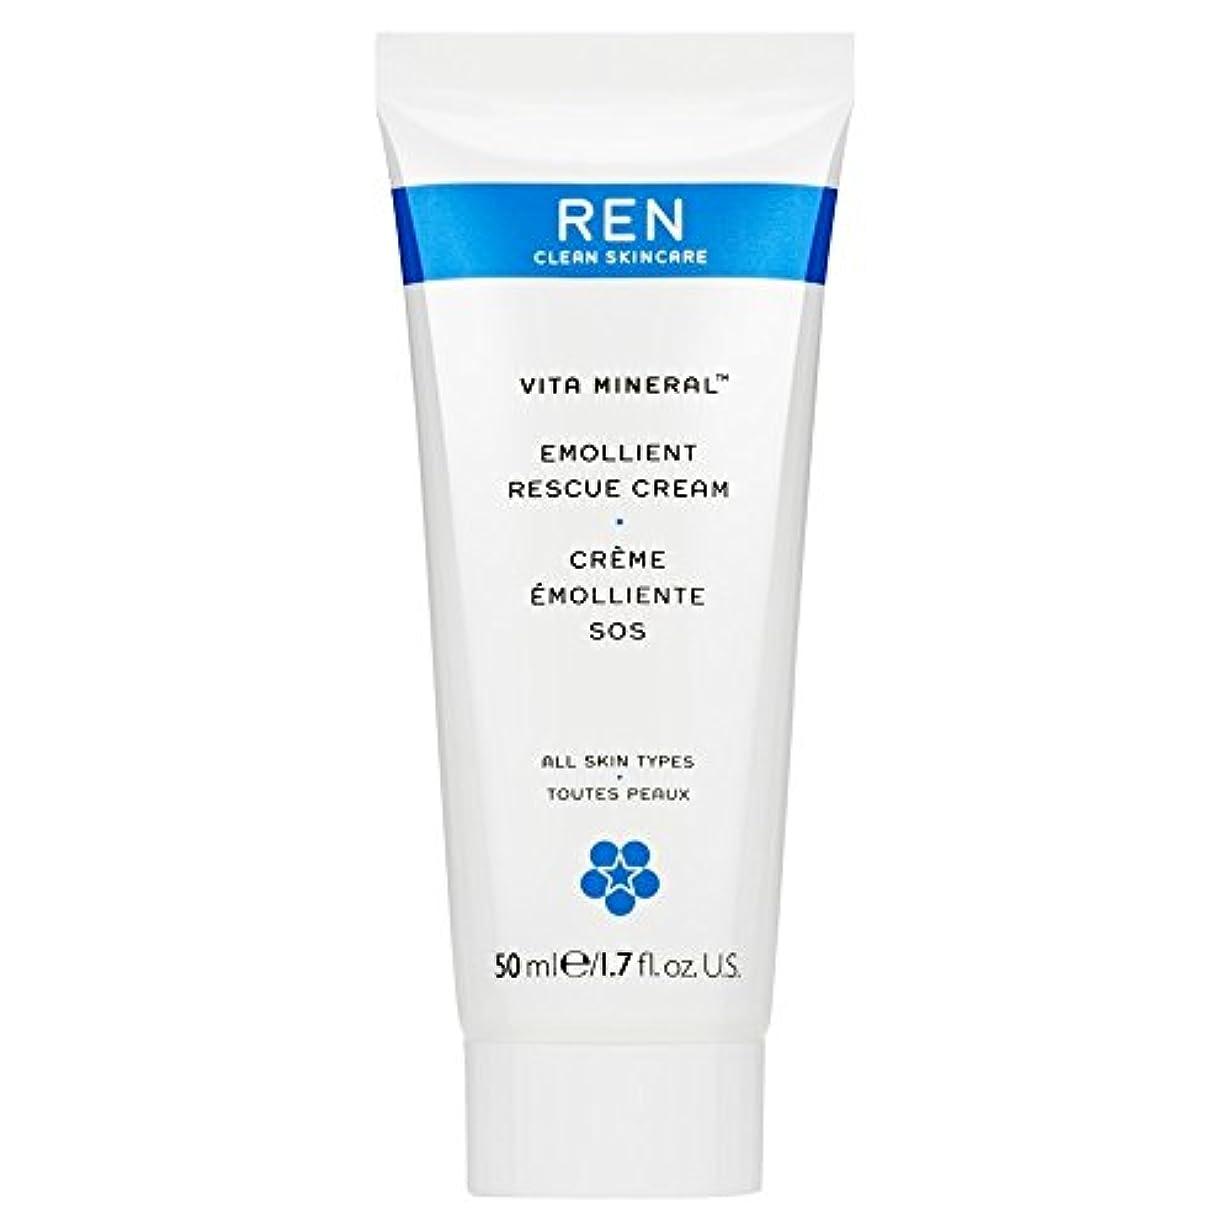 見て売り手手錠Renヴィータミネラルレスキュークリーム、50ミリリットル (REN) (x2) - REN Vita Mineral Rescue Cream, 50ml (Pack of 2) [並行輸入品]